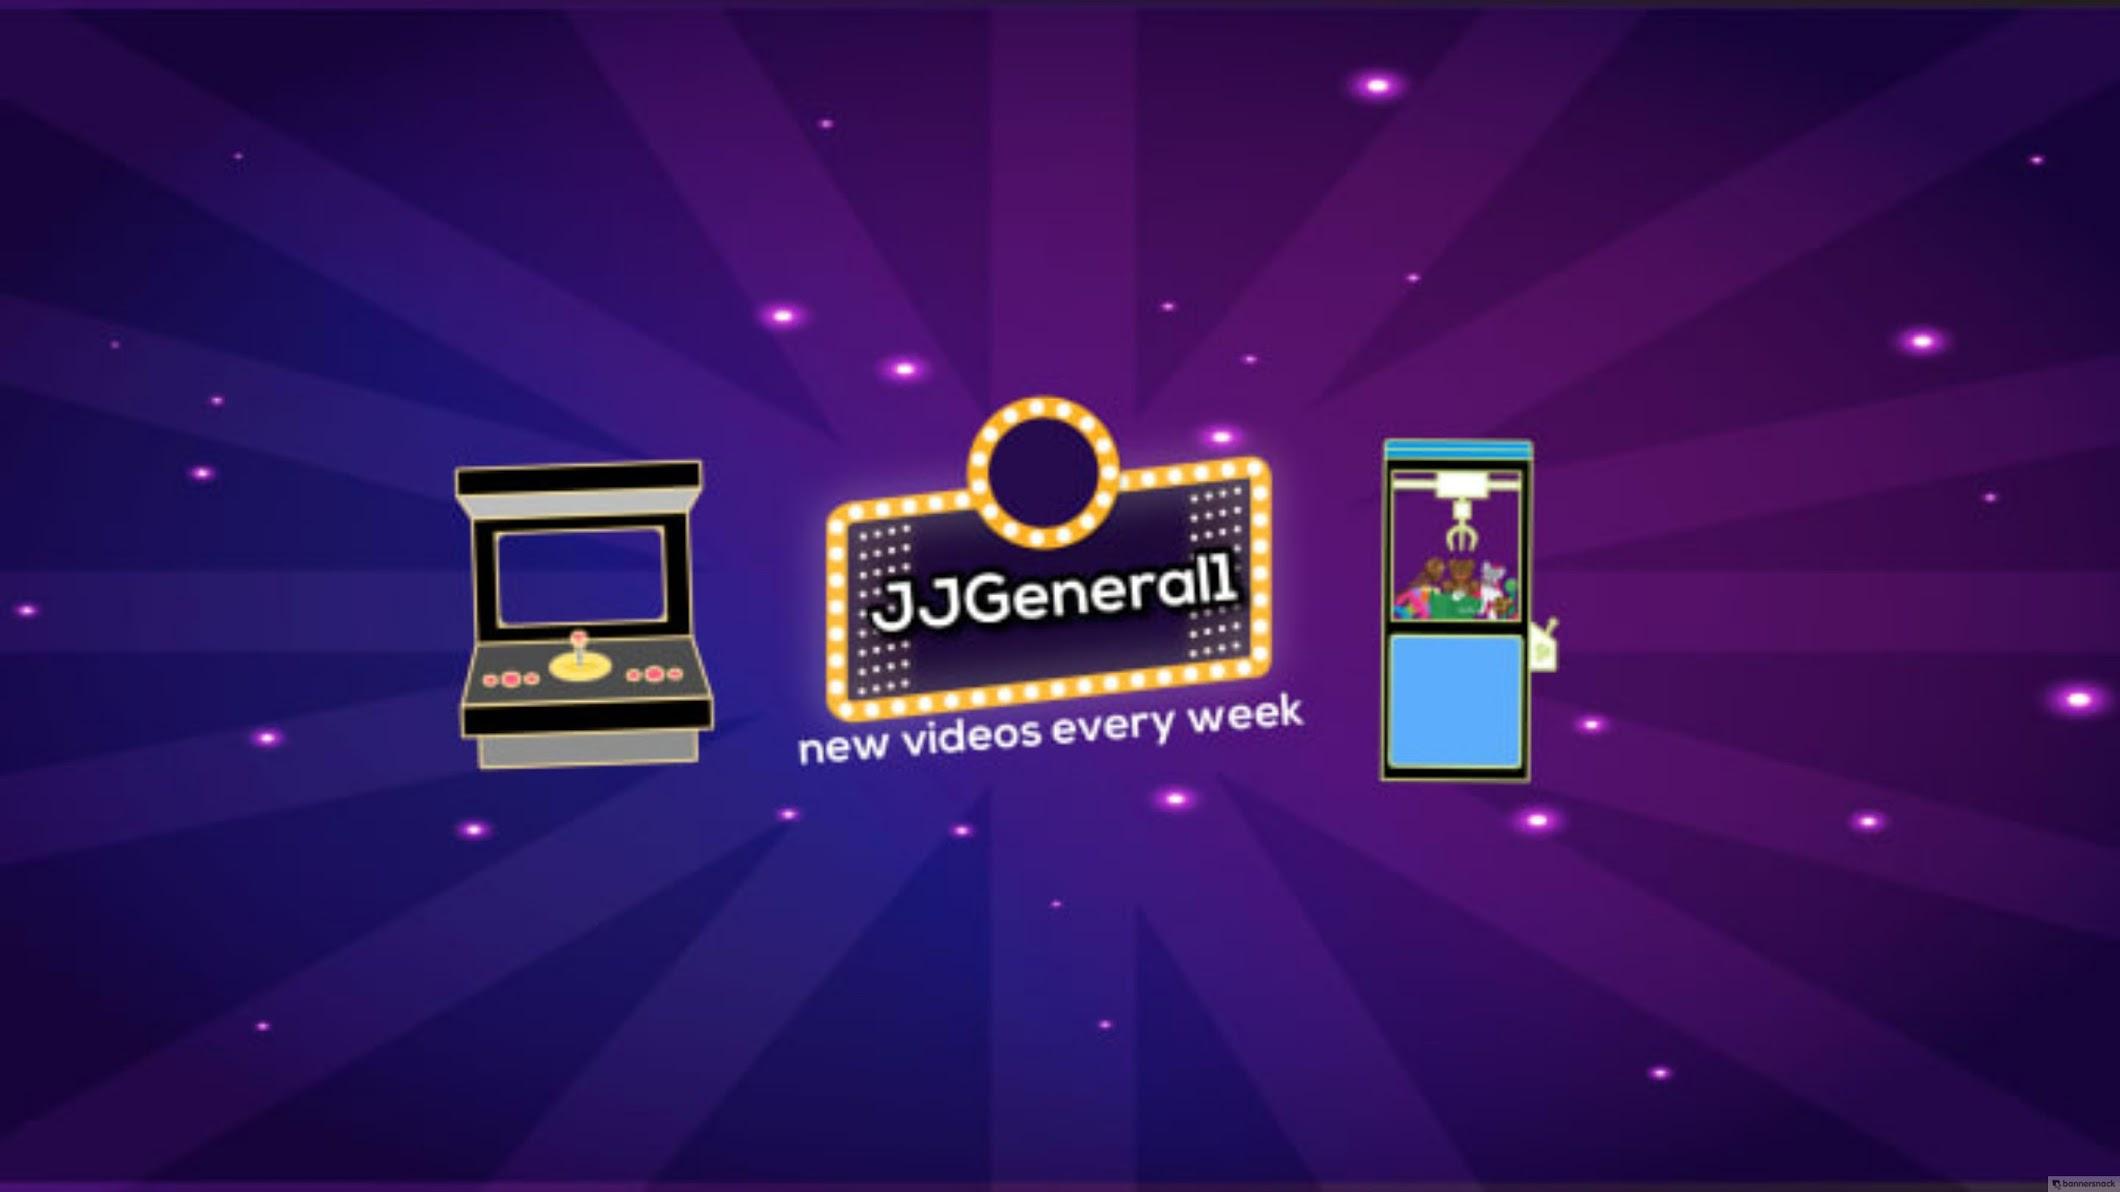 JJGeneral1